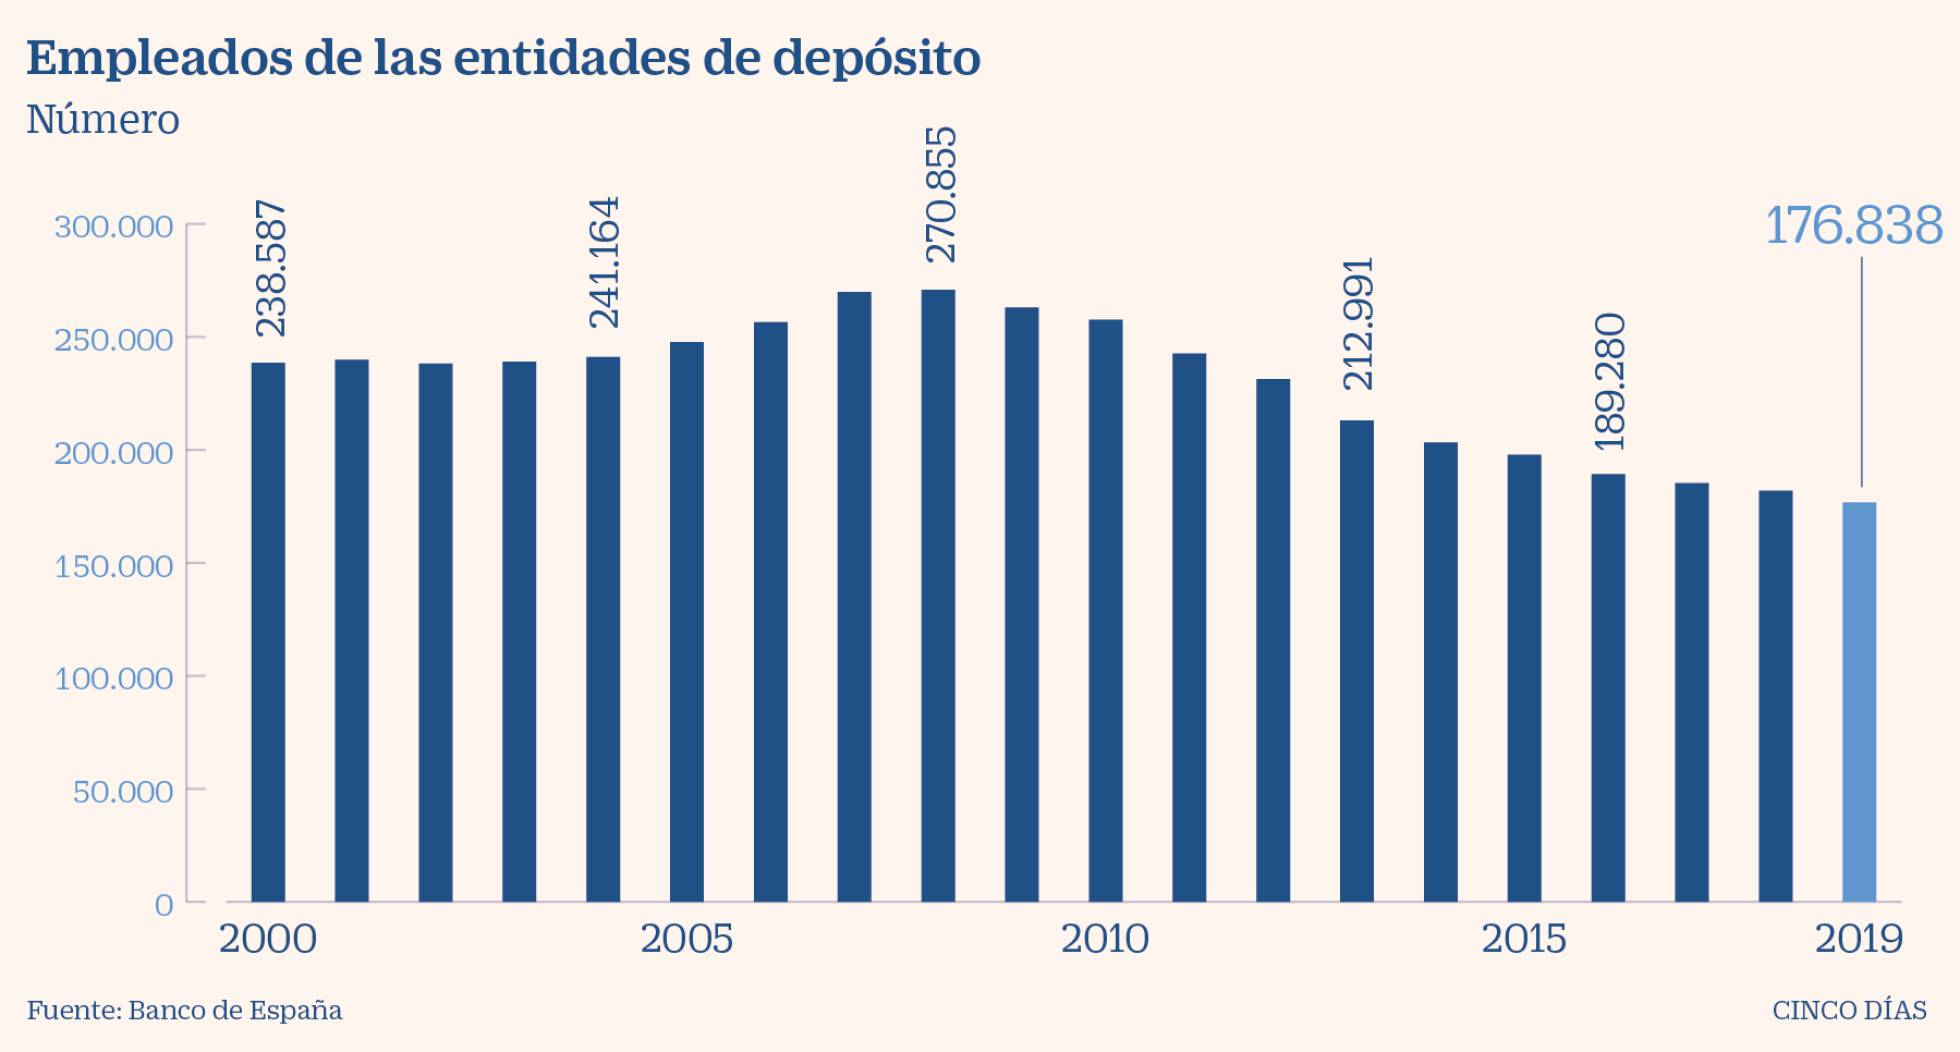 Negocio de la banca en España. El gobierno avala a la banca privada por otros 100.000 millones. Cooperación sindical.  - Página 11 1595877222_499562_1595881214_noticia_normal_recorte1